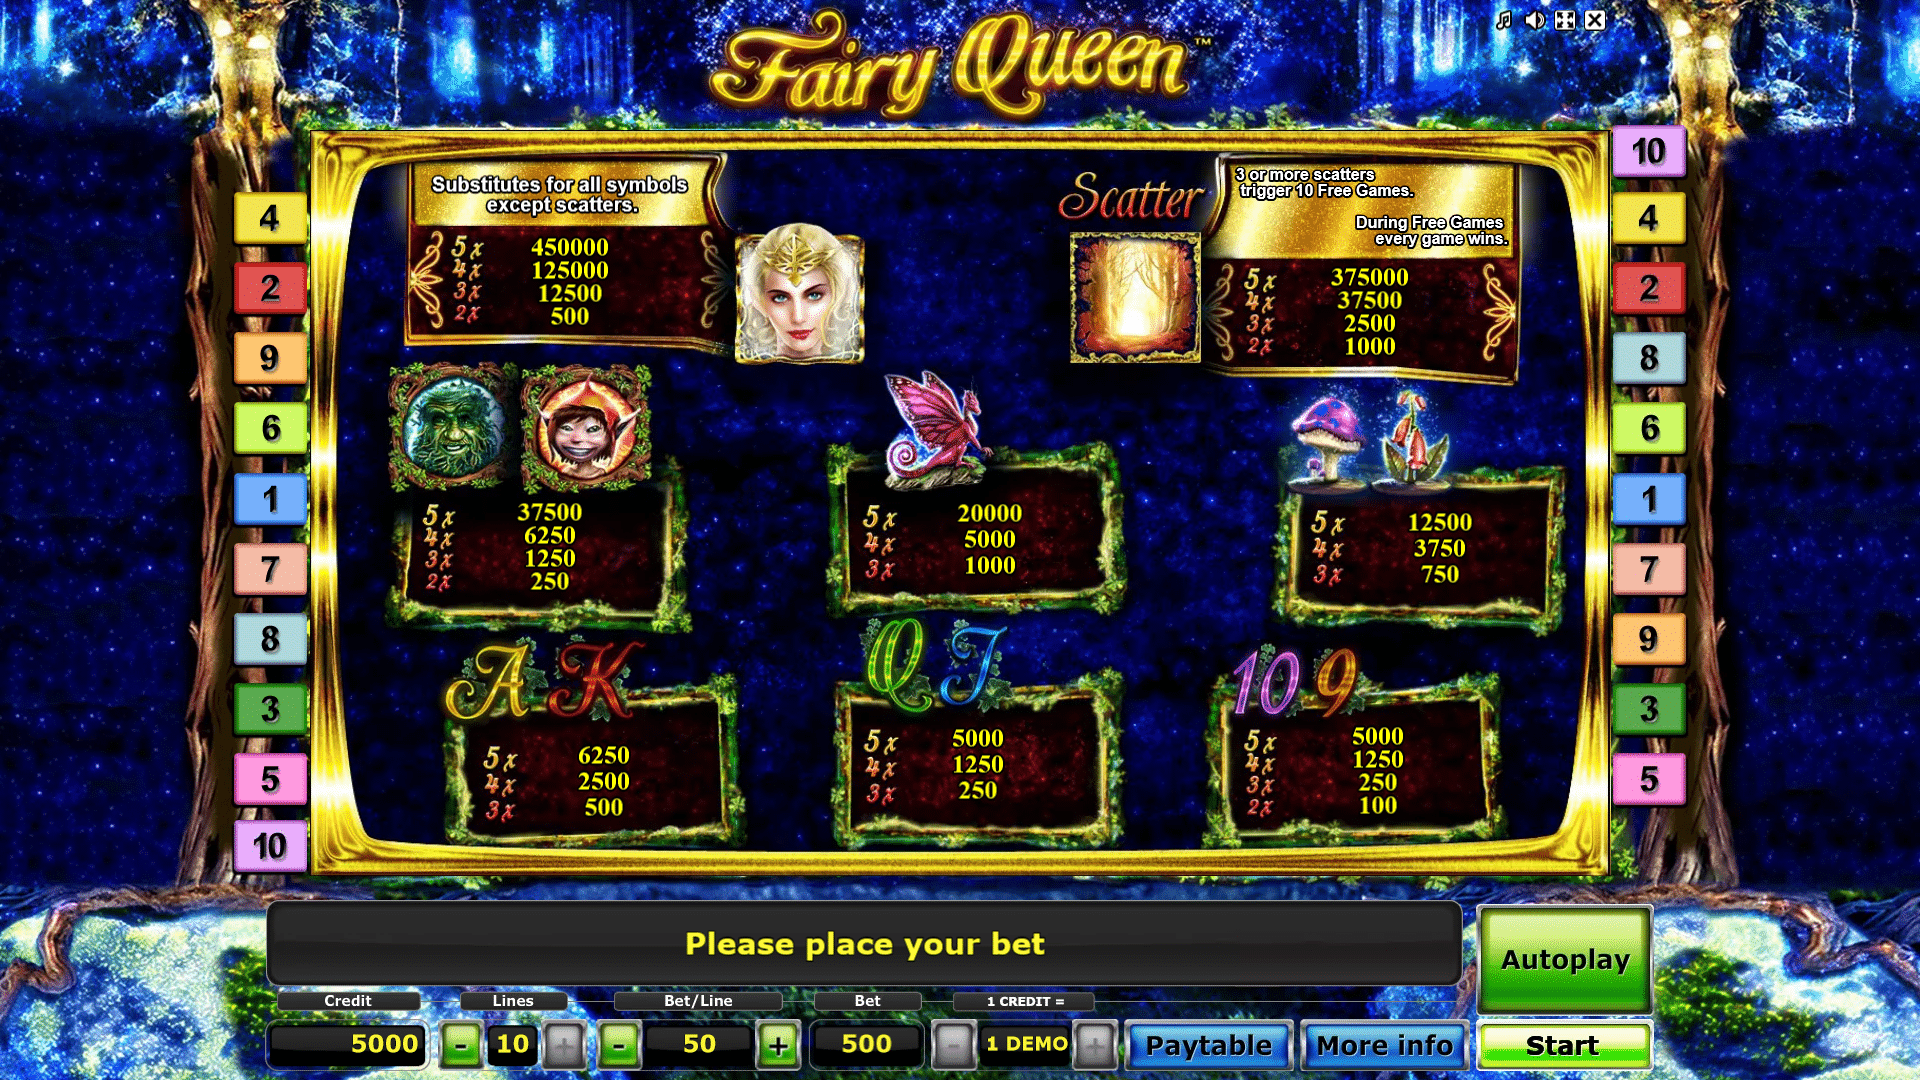 Tabella Pagamenti della Slot gratis Fairy Queen